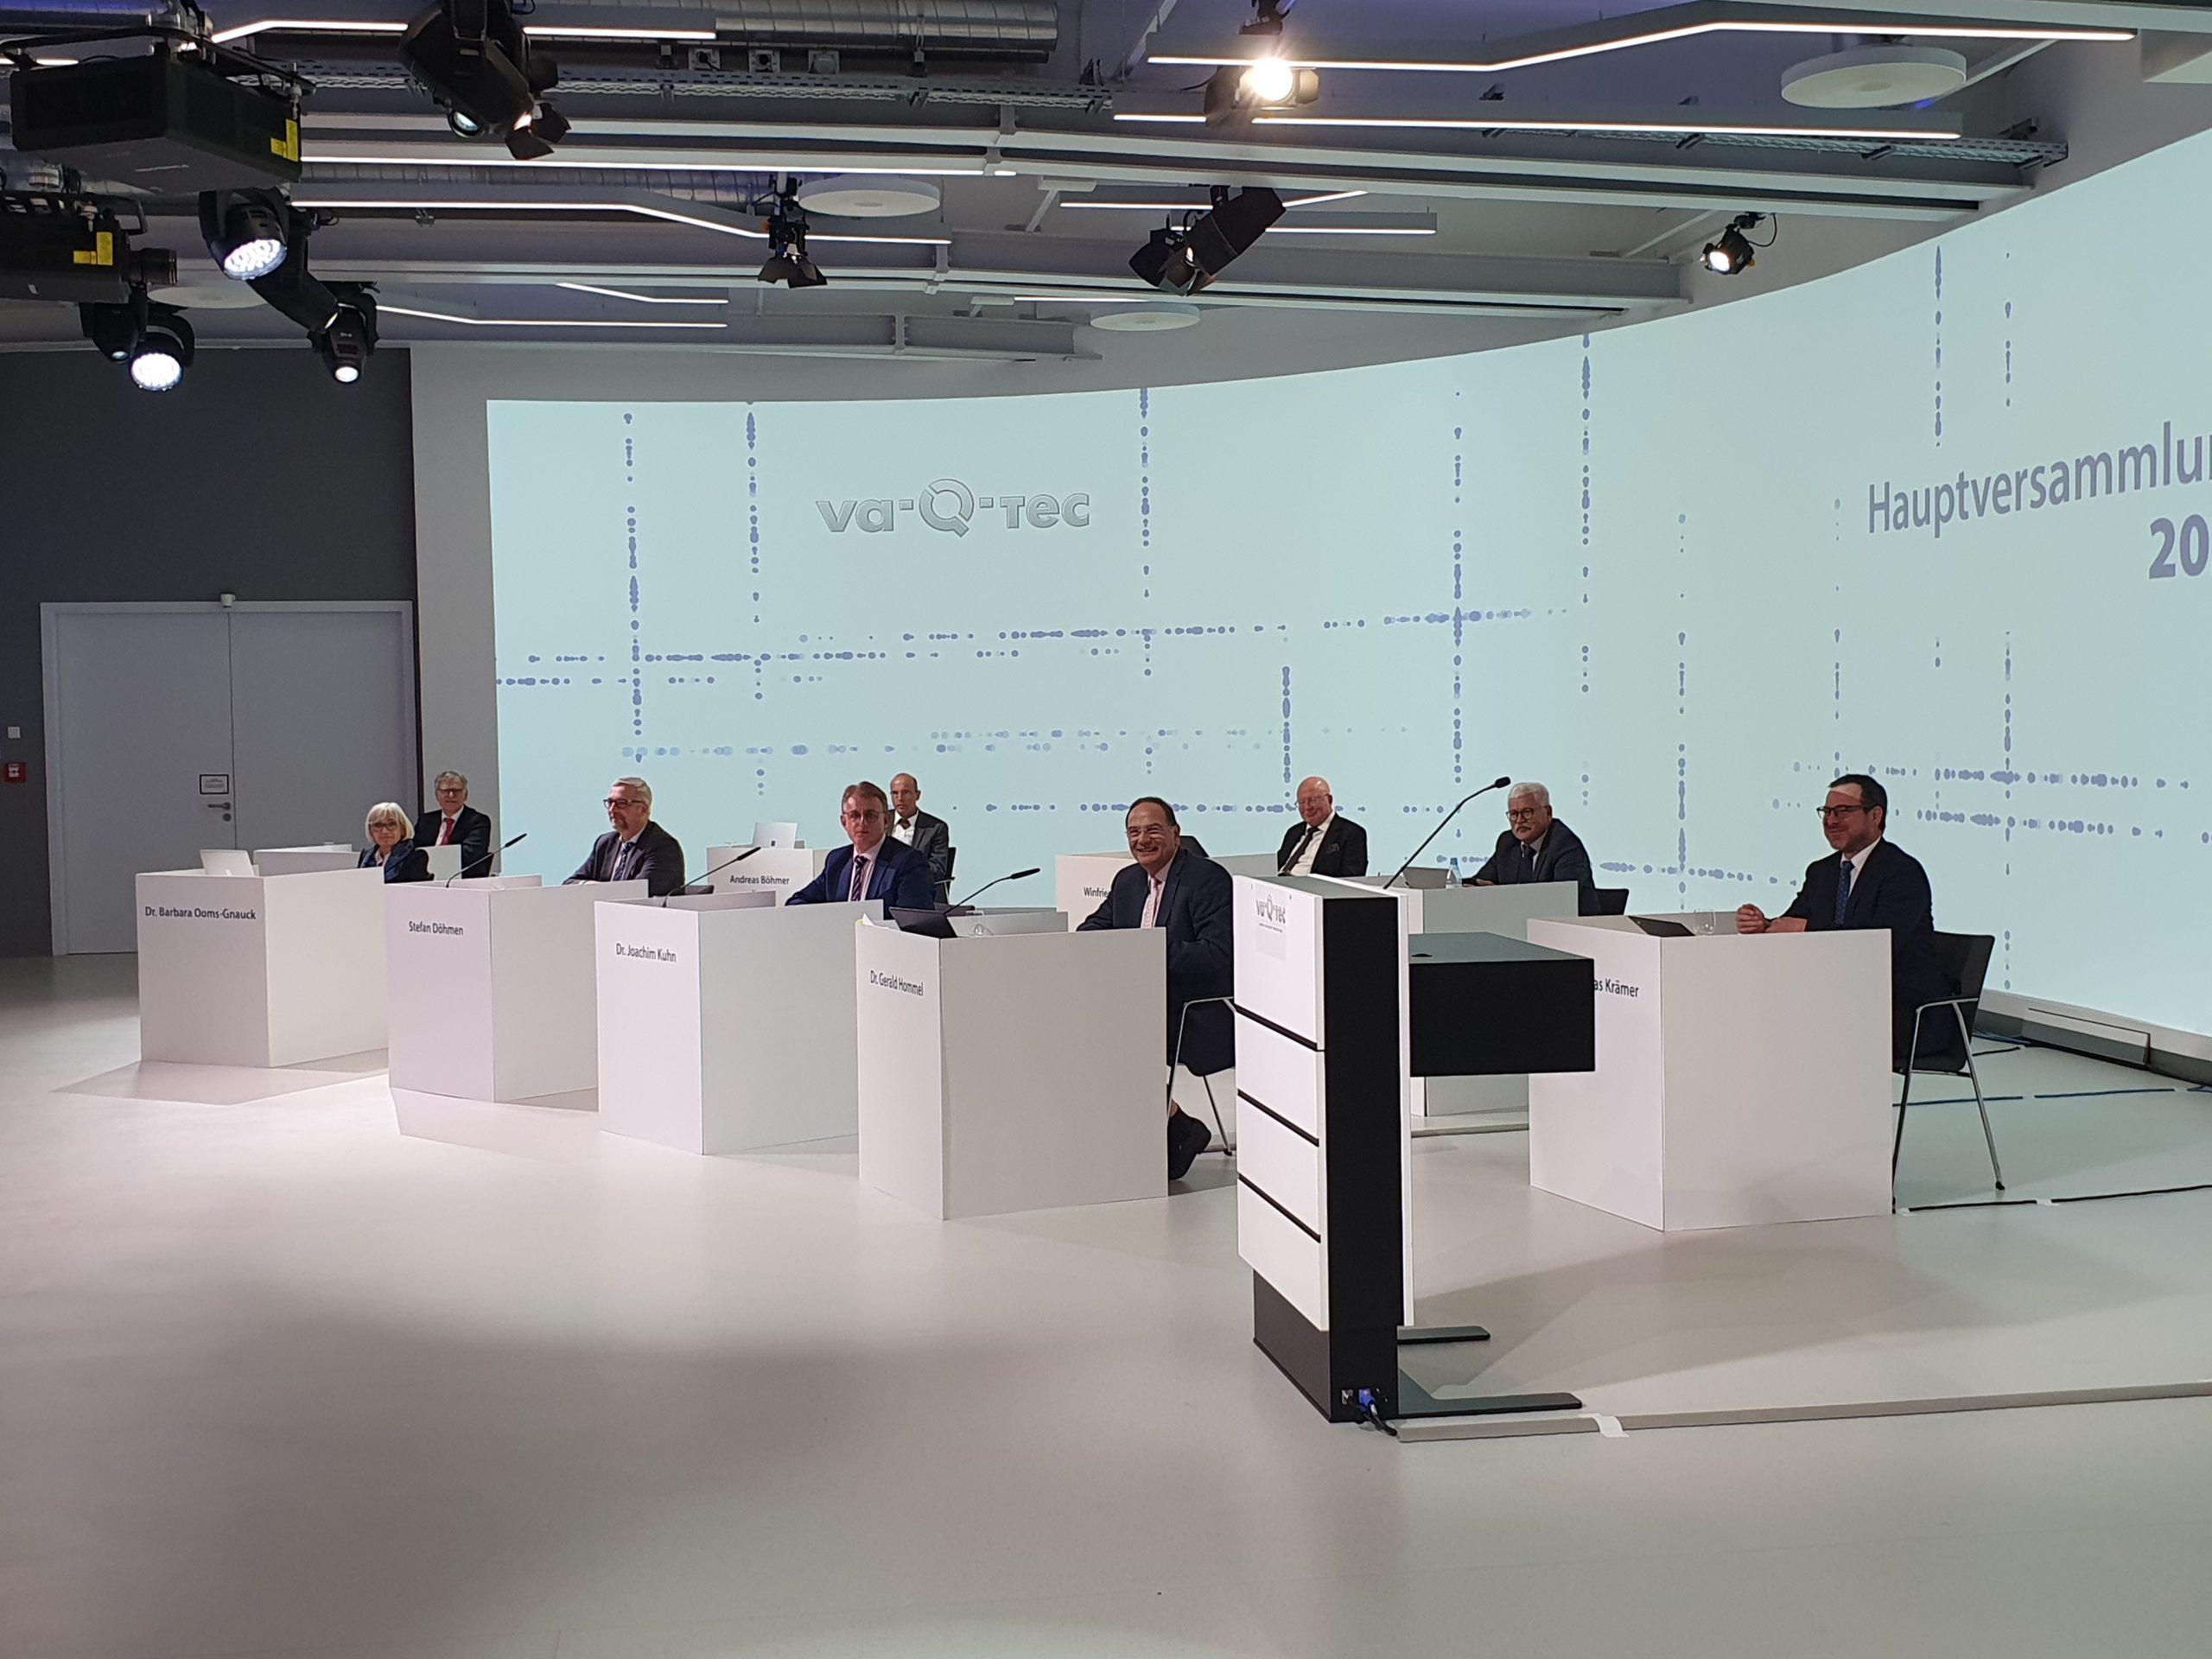 va-Q-tec berichtet auf Hauptversammlung 2021 über sehr erfolgreiche Geschäftsentwicklung